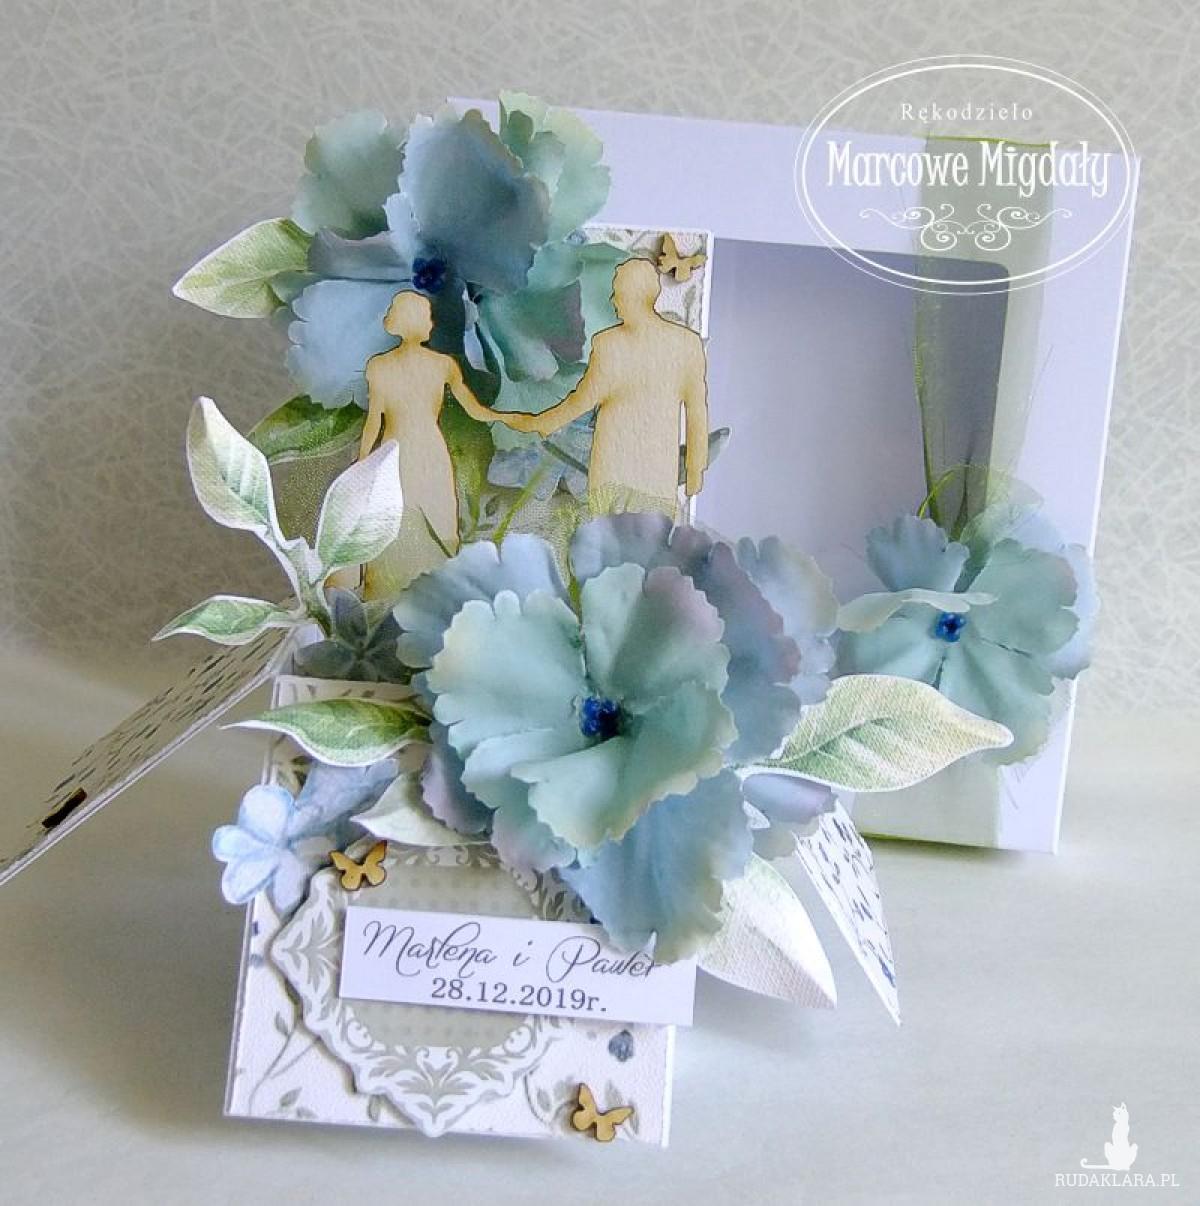 Personalizowana pamiątka ślubu W Niebieskim Ogrodzie, kartka w pudełku